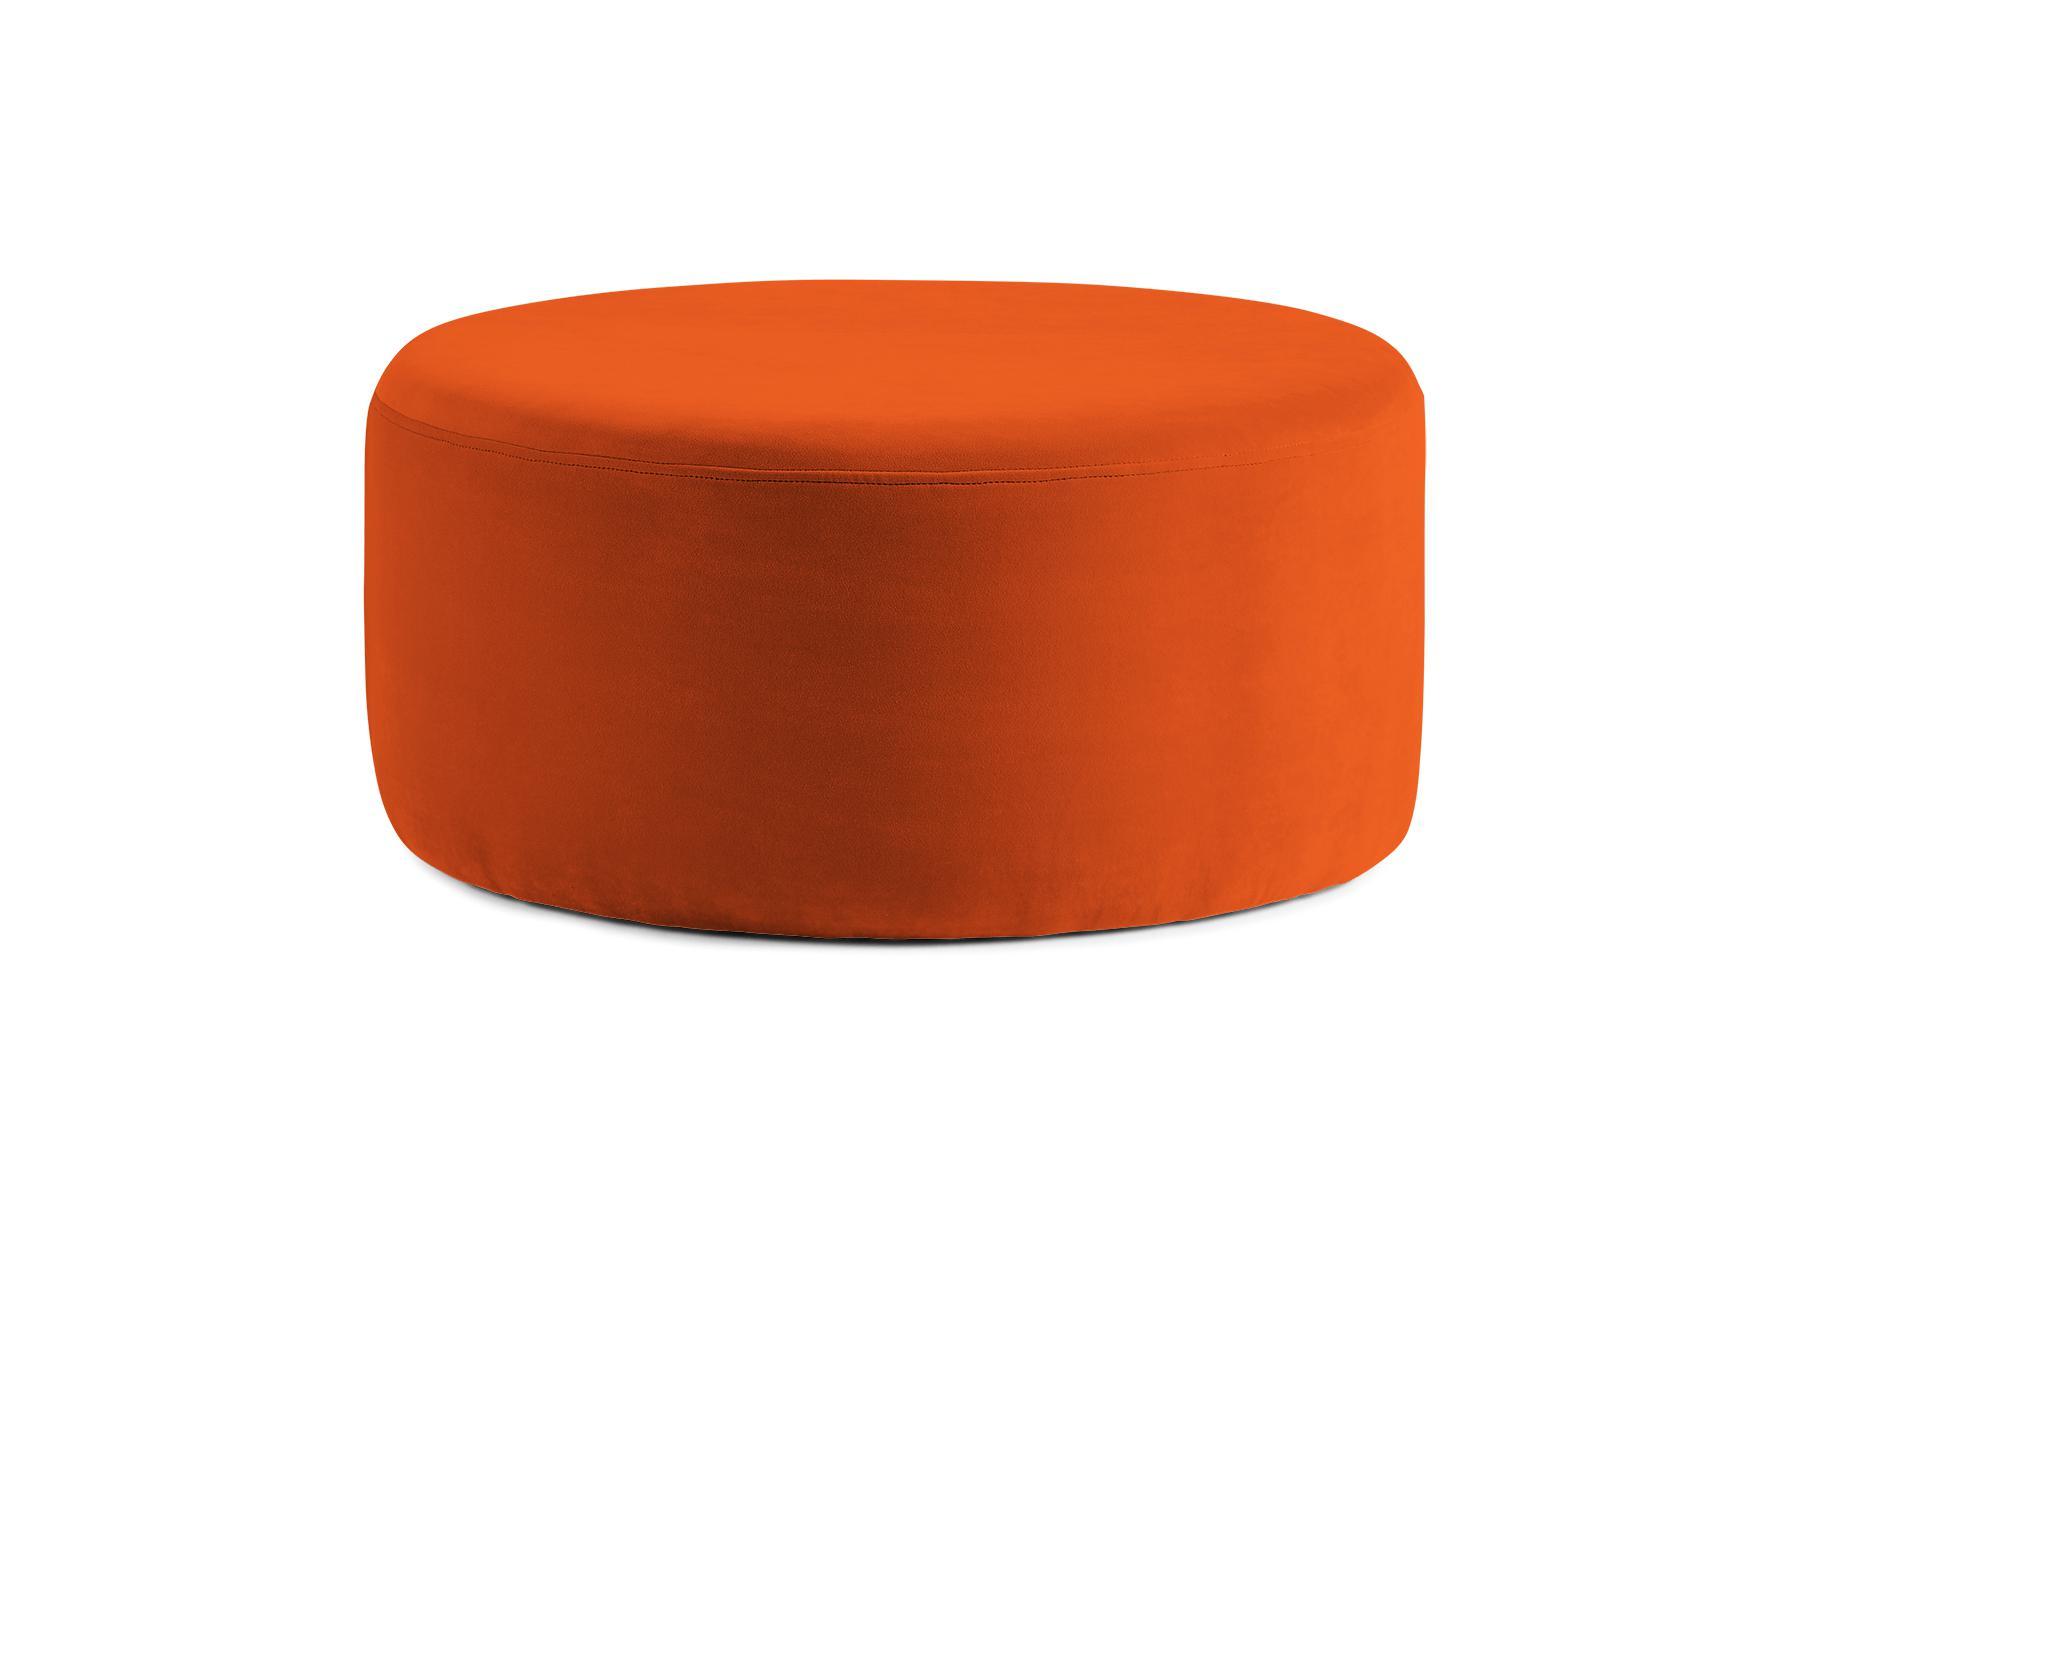 Orange Hanna Mid Century Modern Ottoman - Vibe Sunkist